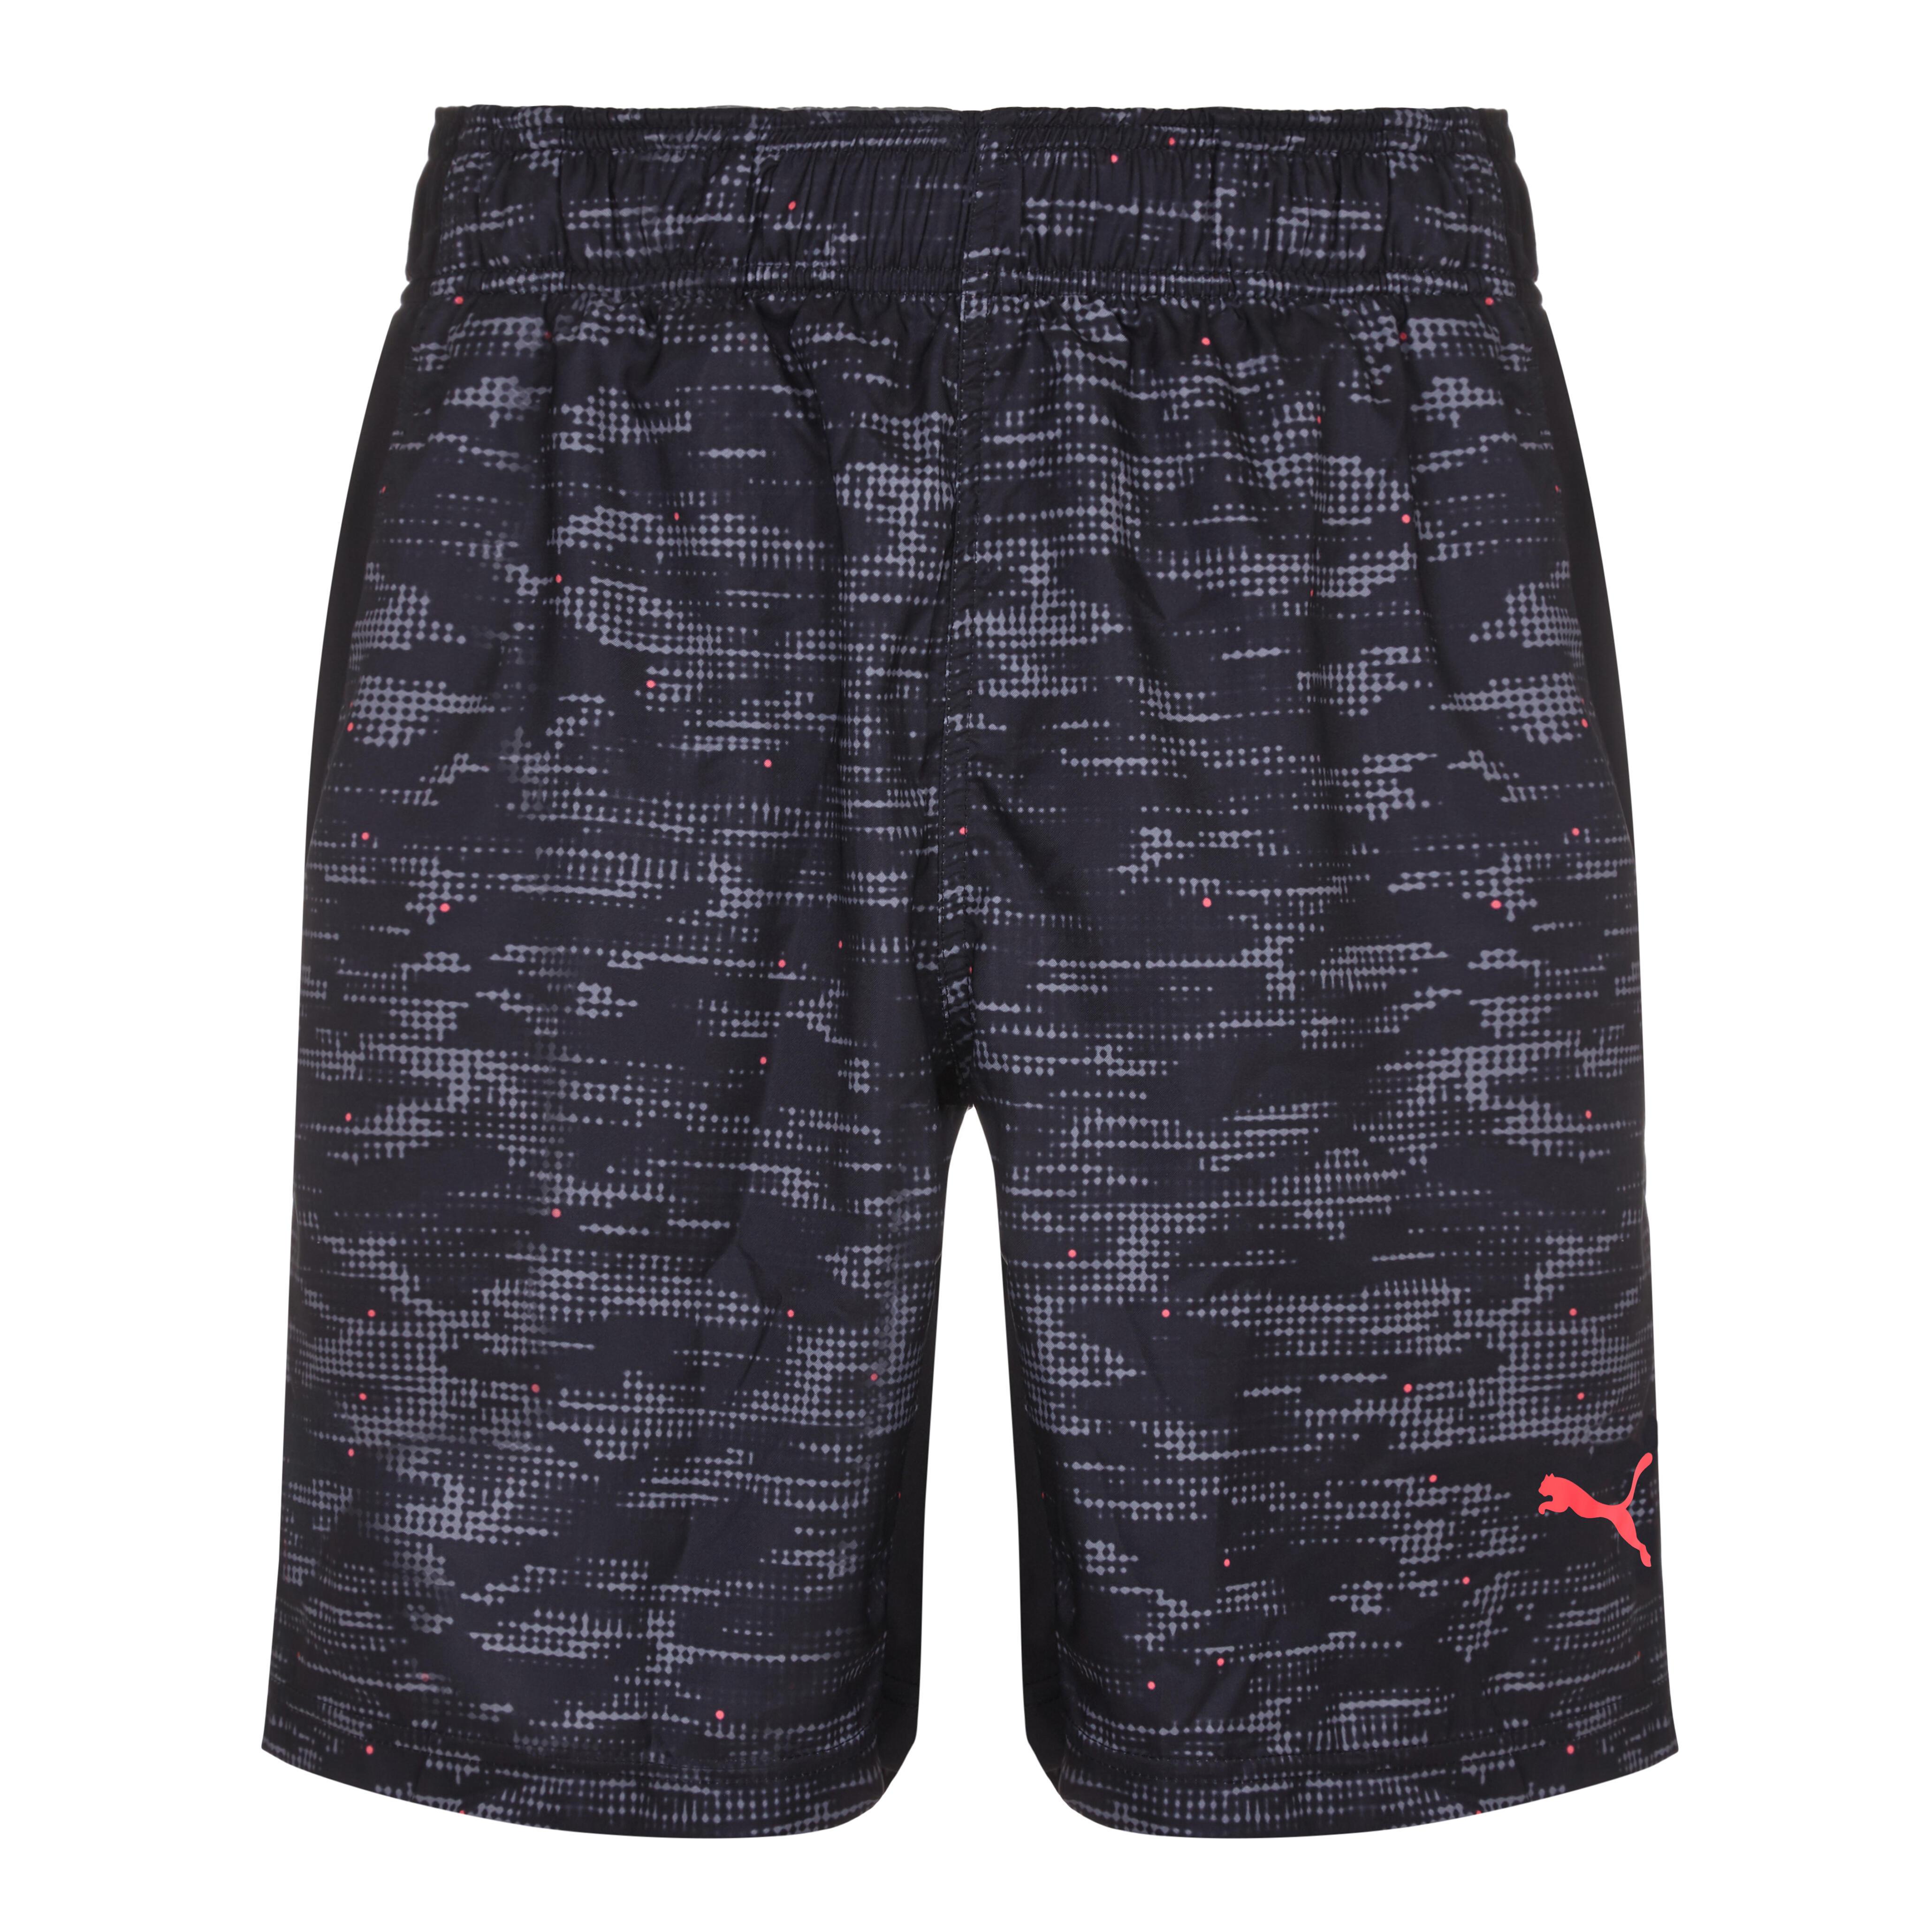 Puma Fitness short voor heren zwart